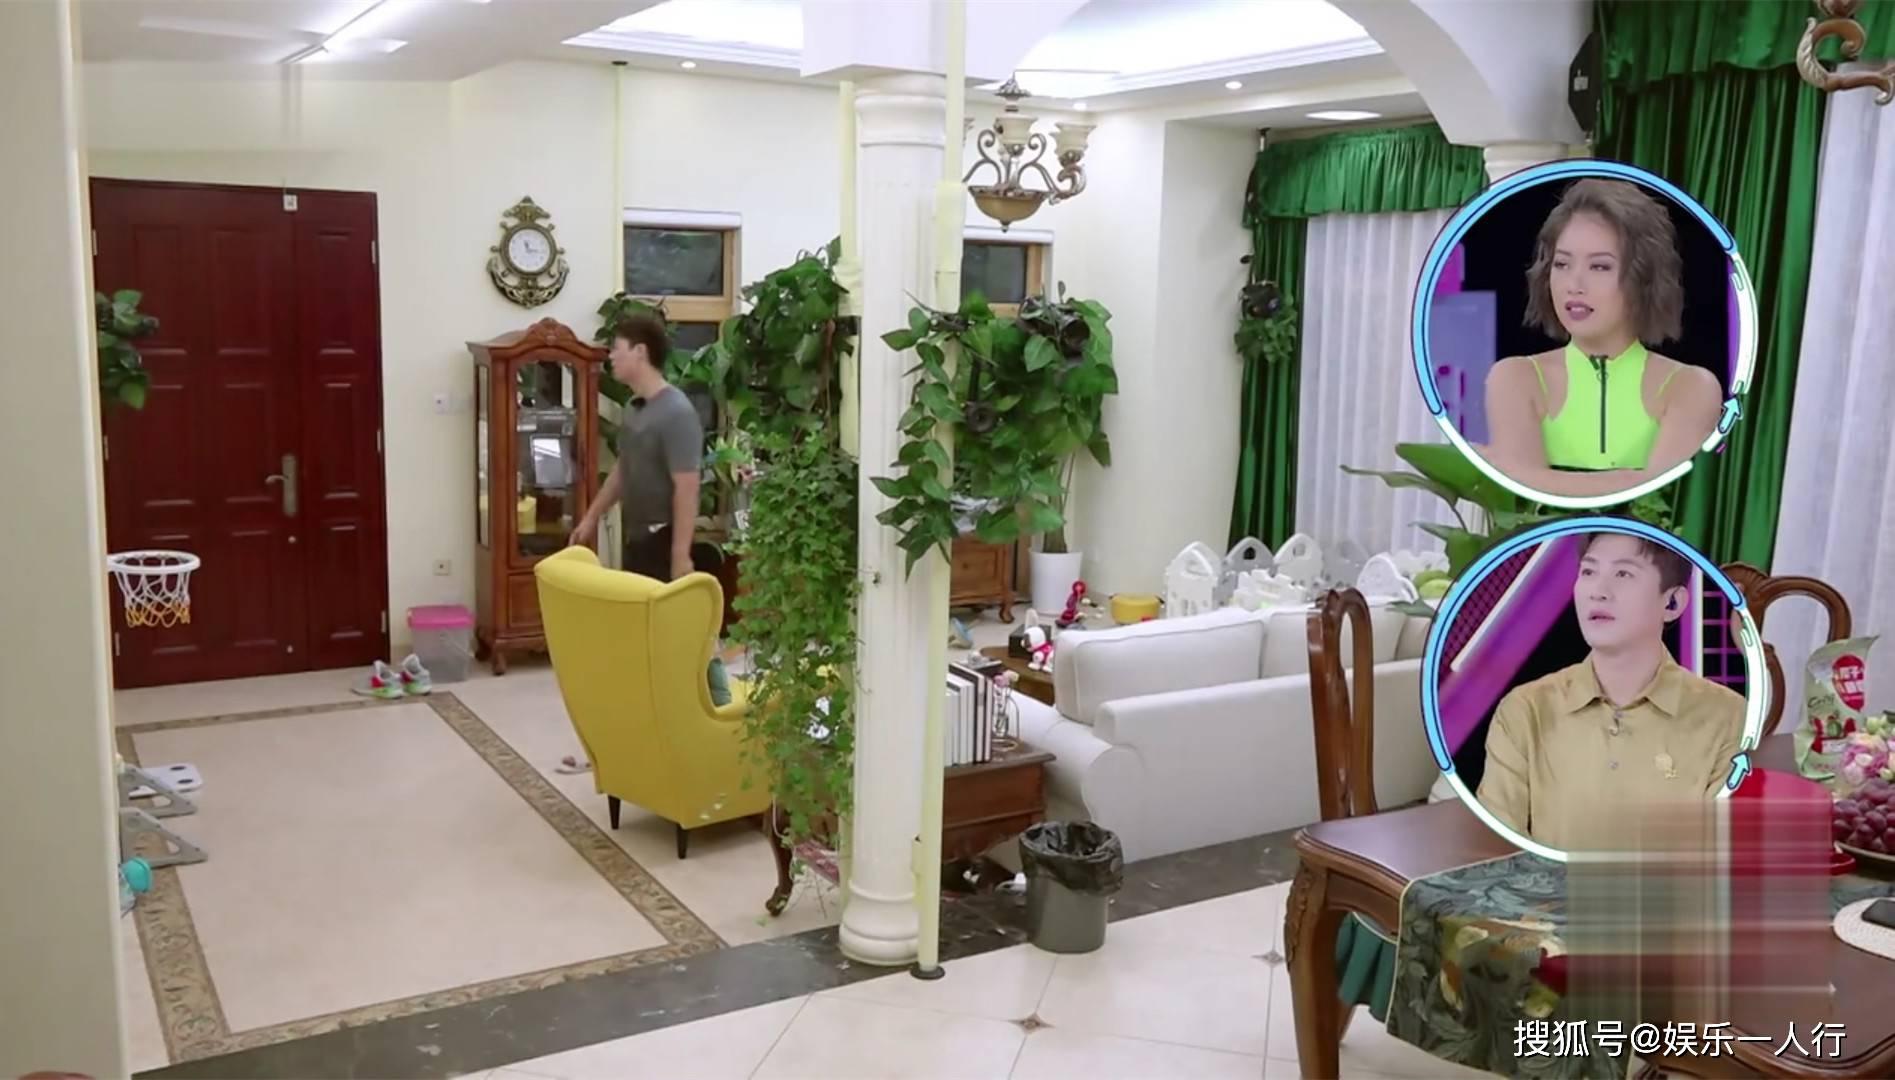 唐一菲的豪宅好气派,电竞盘口独栋别墅设计双玄关,绿